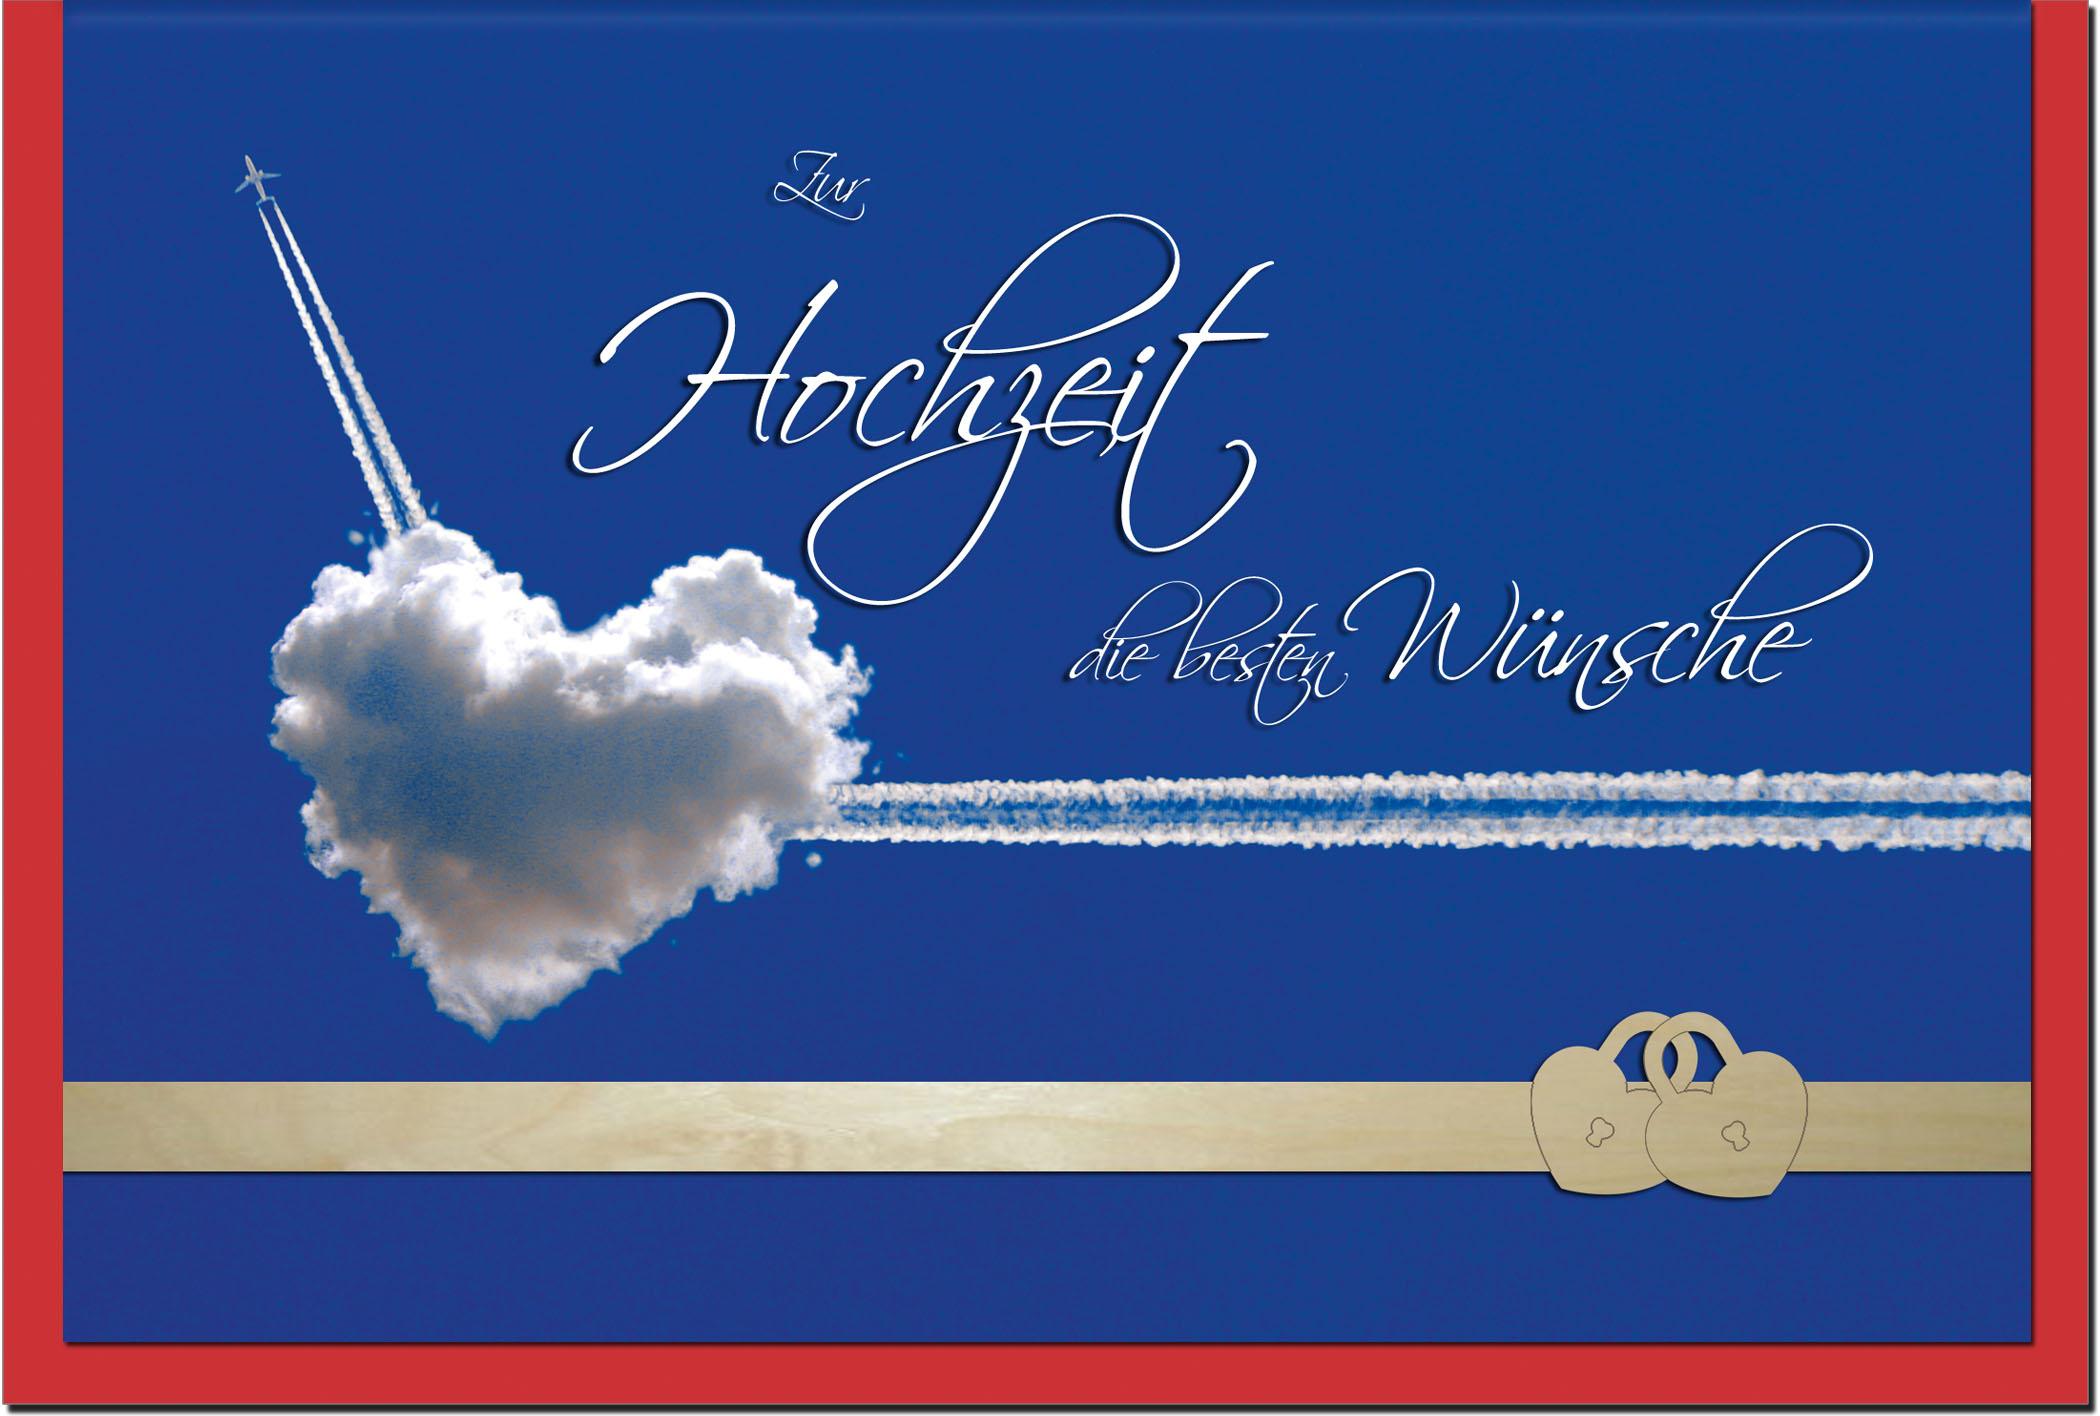 Hochzeitskarten / Grußkarten /Hochzeit Wolkenherz